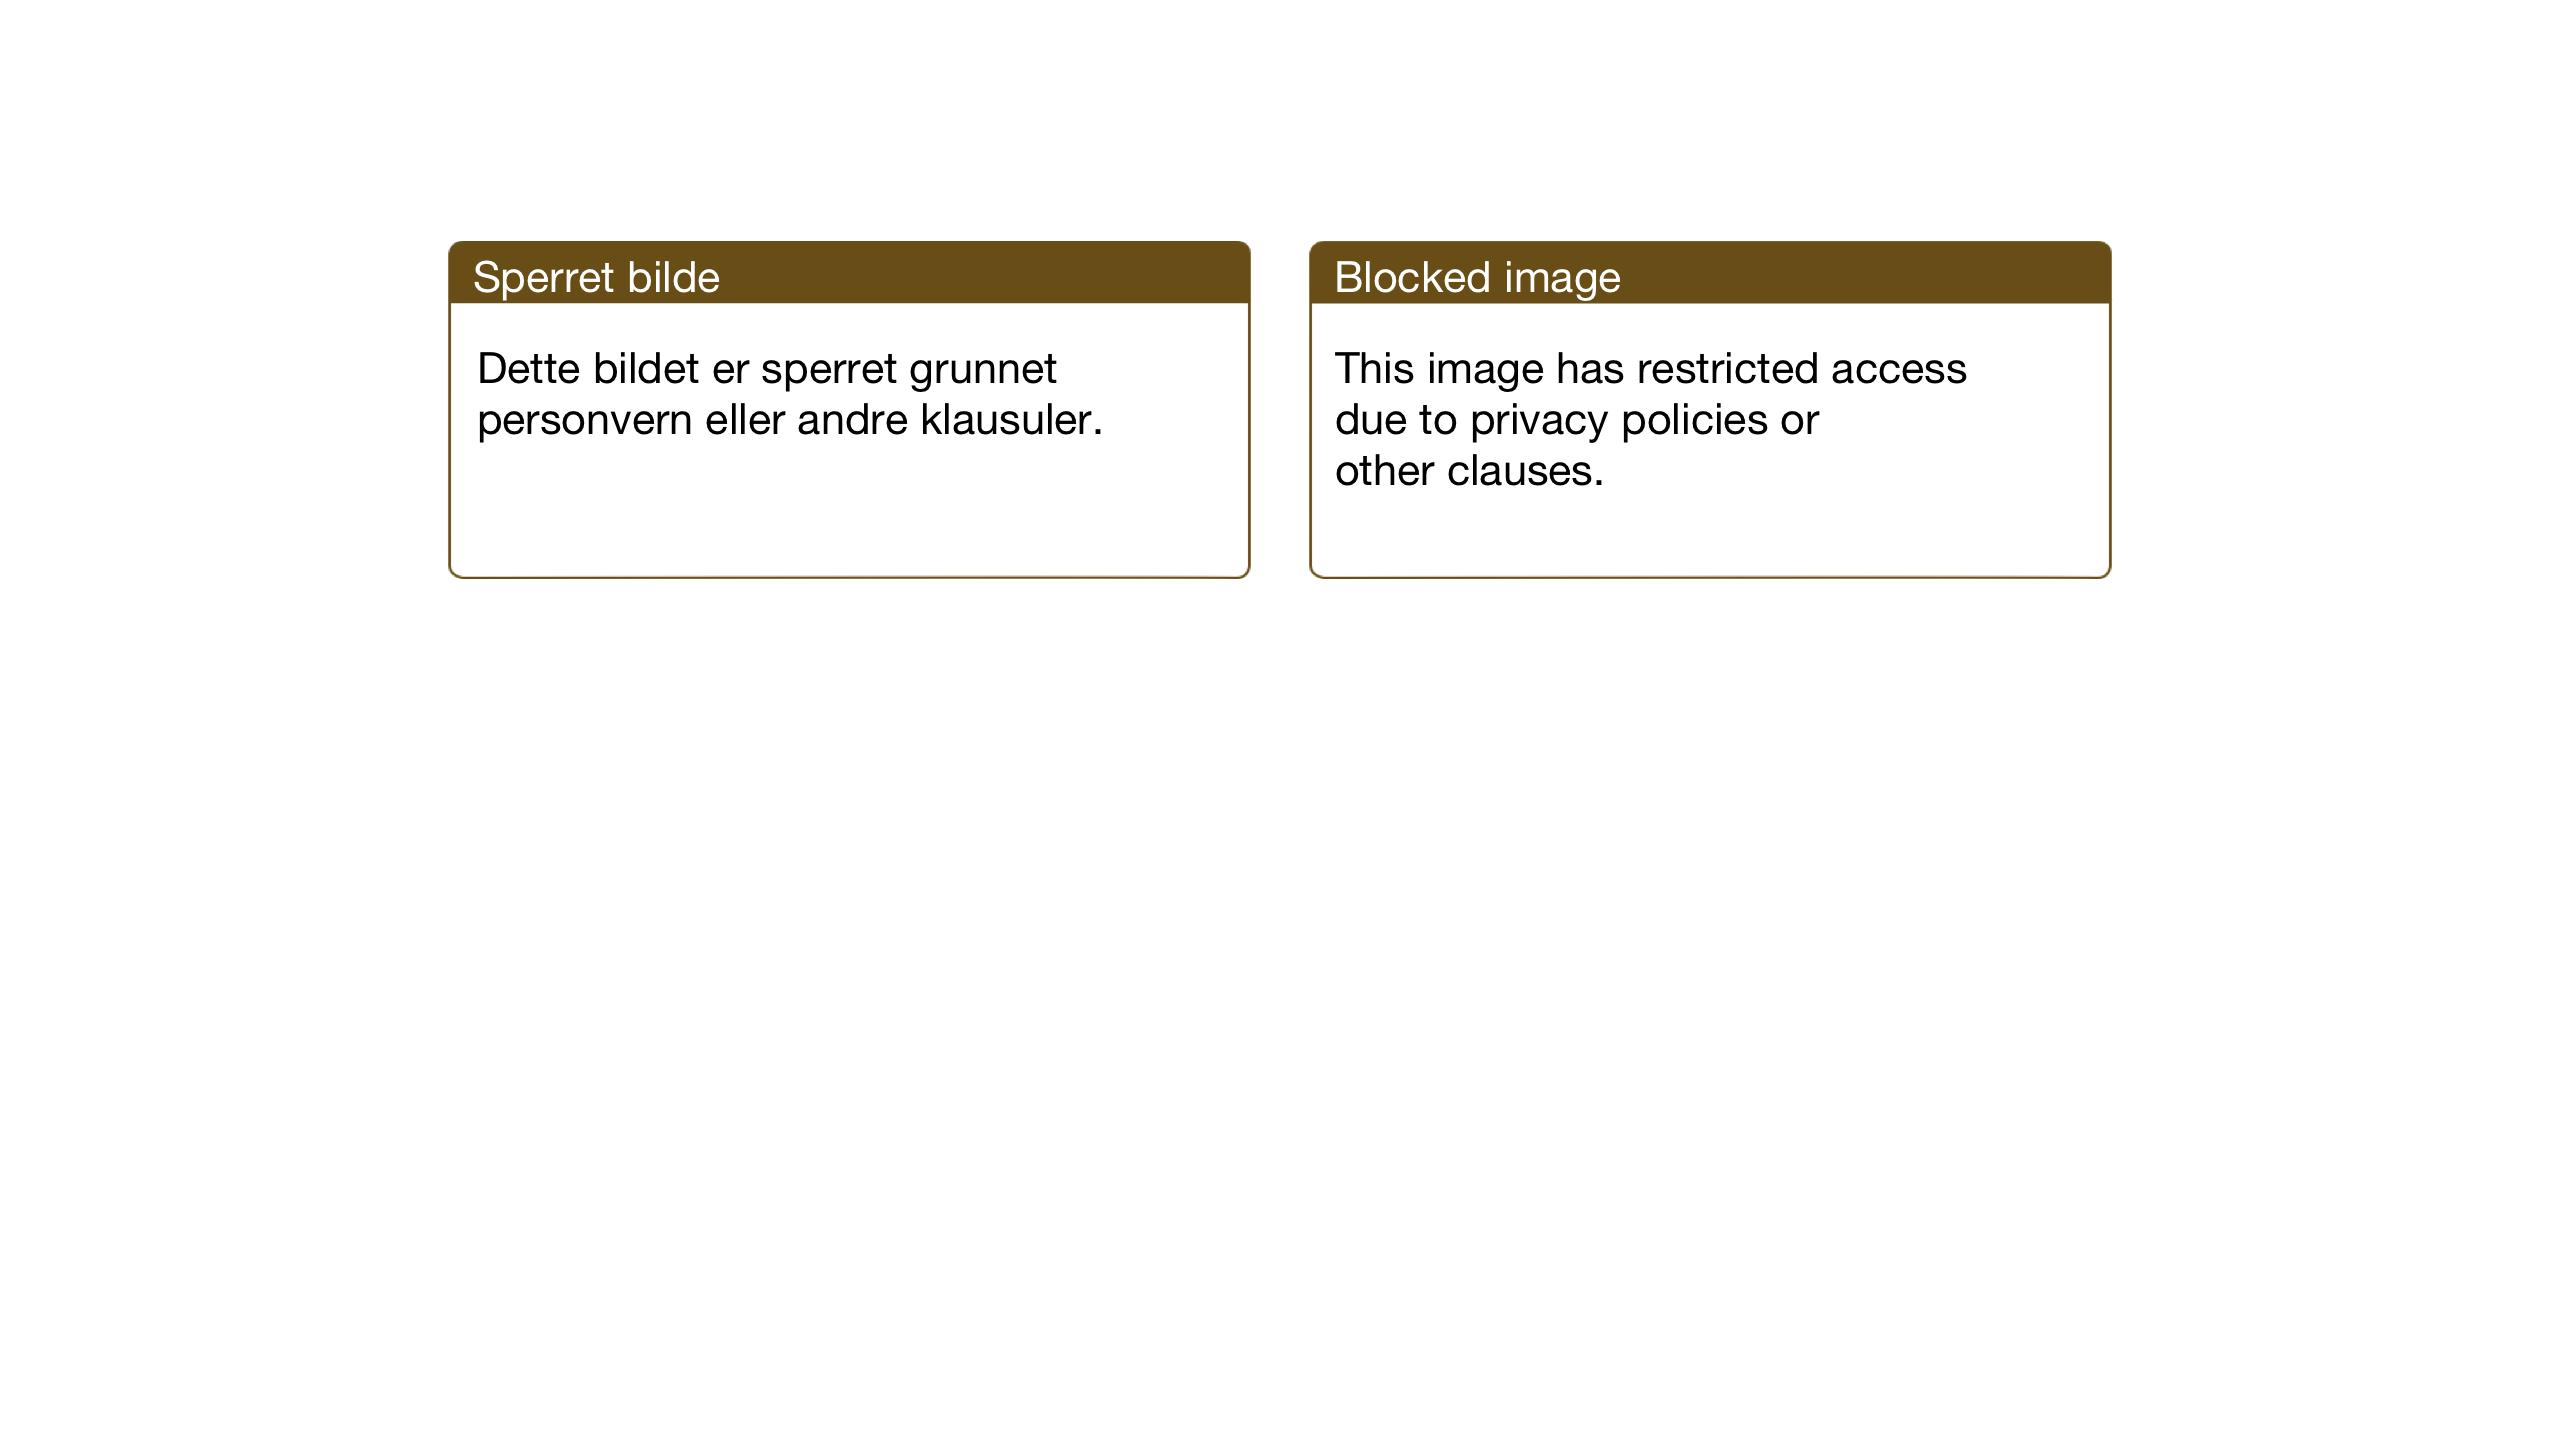 SAT, Ministerialprotokoller, klokkerbøker og fødselsregistre - Sør-Trøndelag, 690/L1053: Klokkerbok nr. 690C03, 1930-1947, s. 74